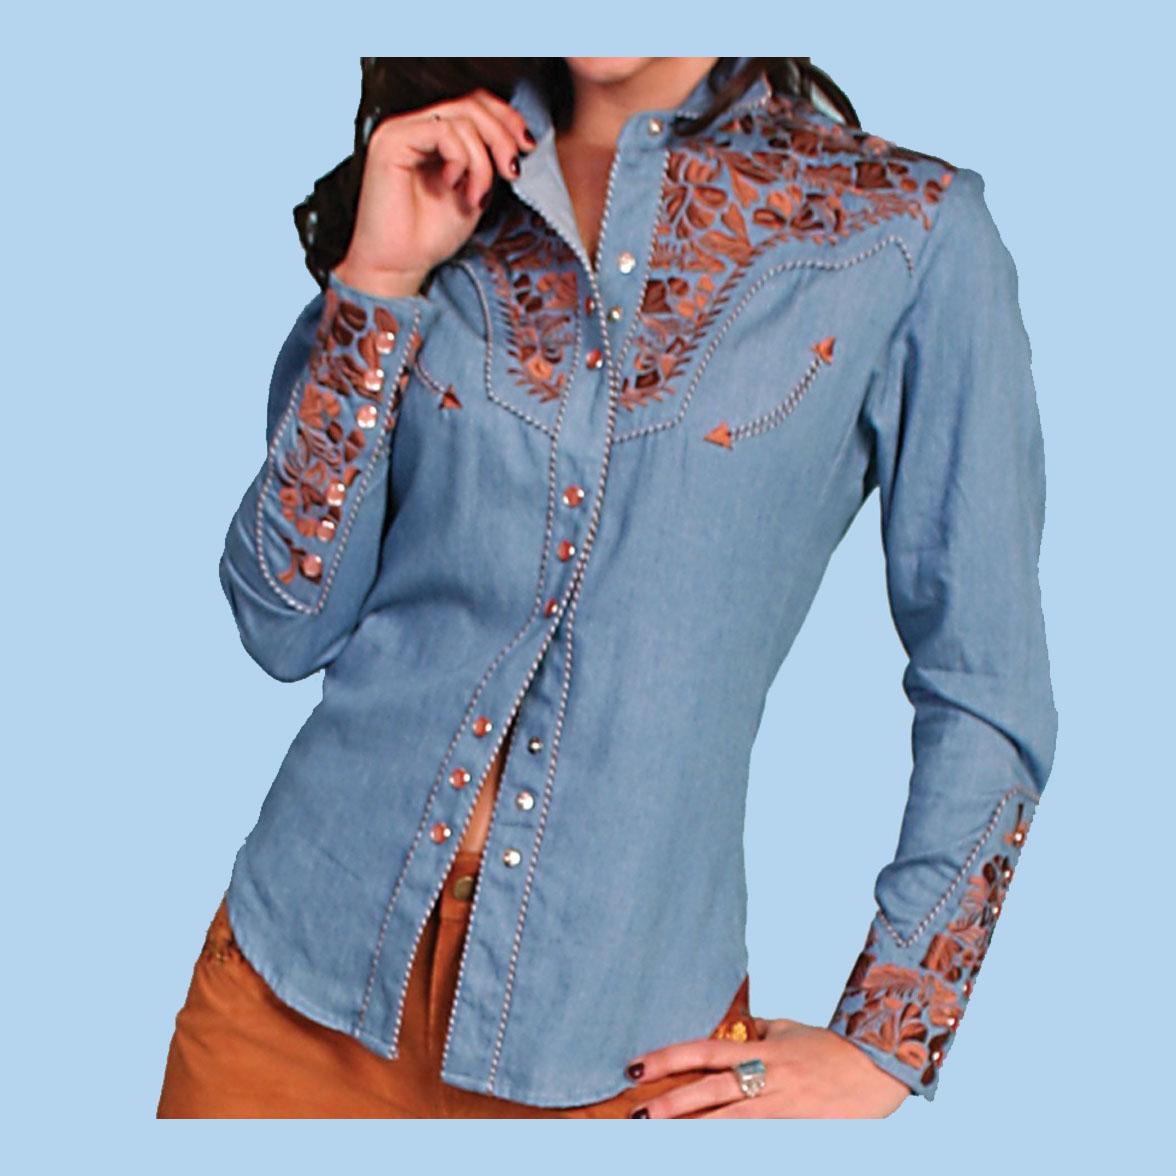 画像2: スカリー 刺繍 ウエスタン シャツ(長袖/ライトブルー)/Scully Long Sleeve Western Shirt(Women's)